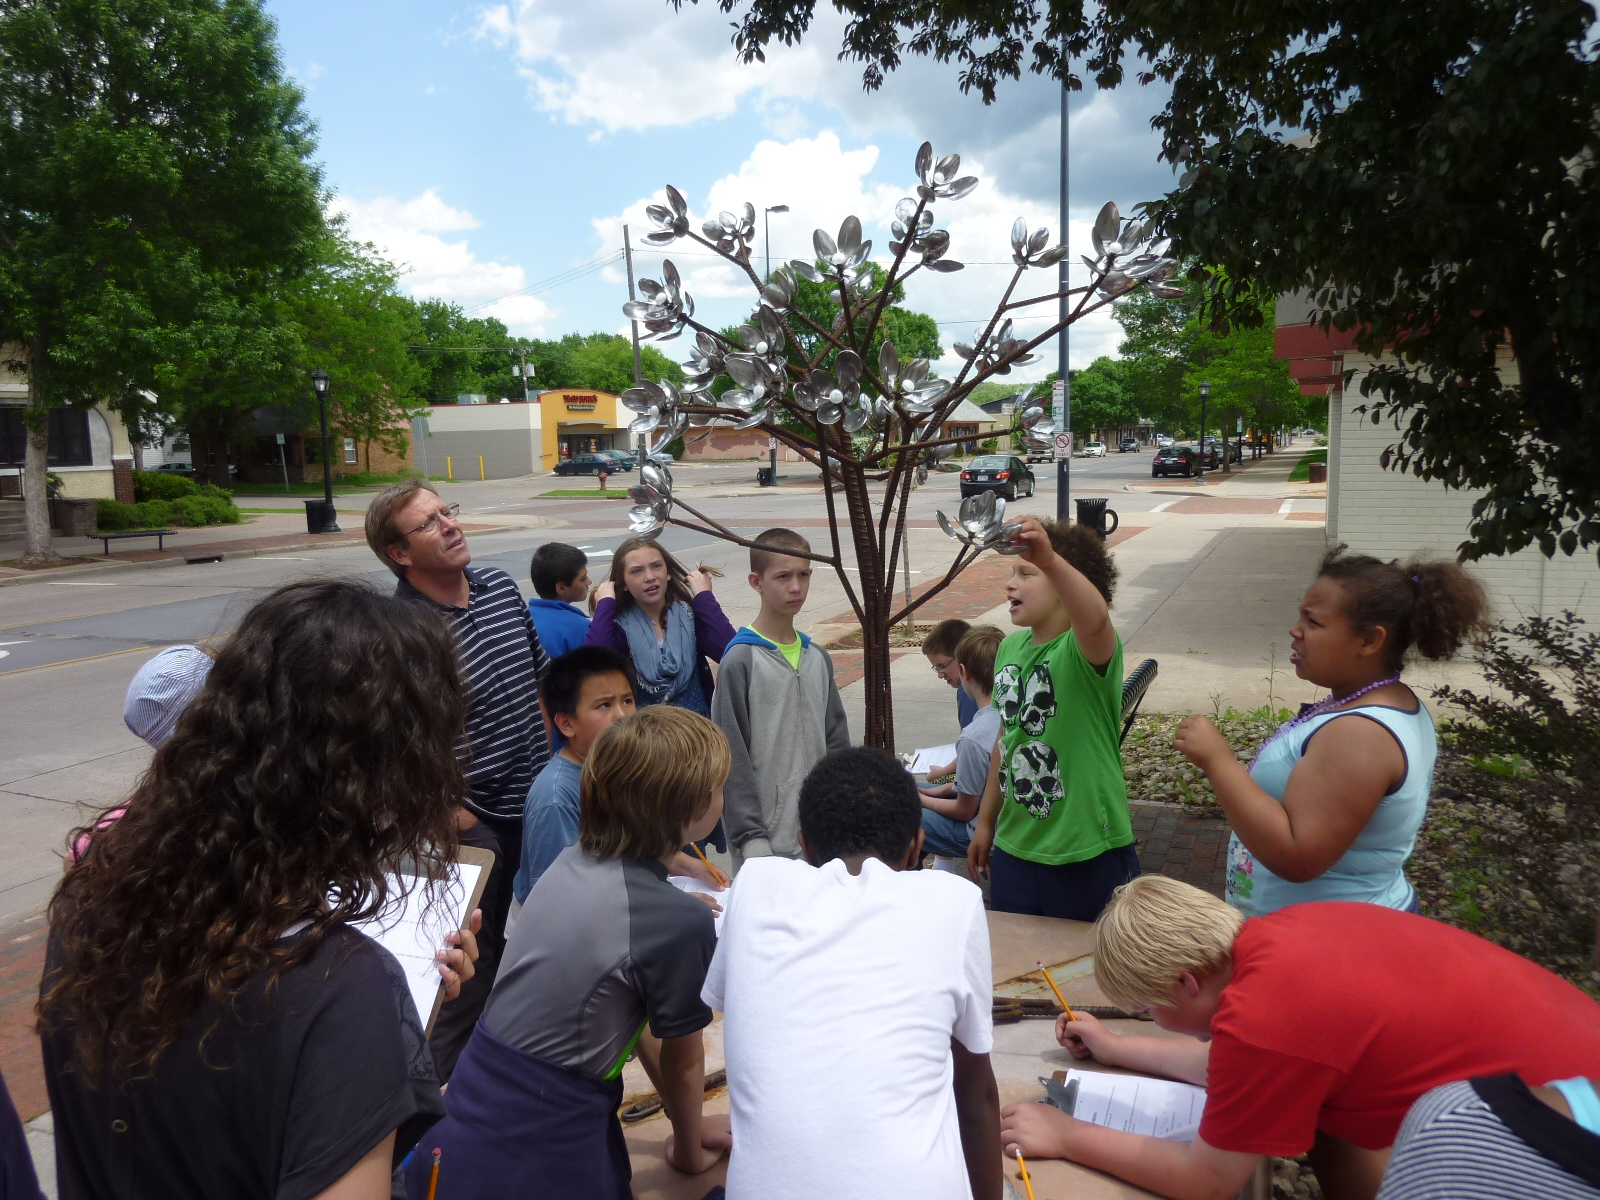 Children with tree sculpture